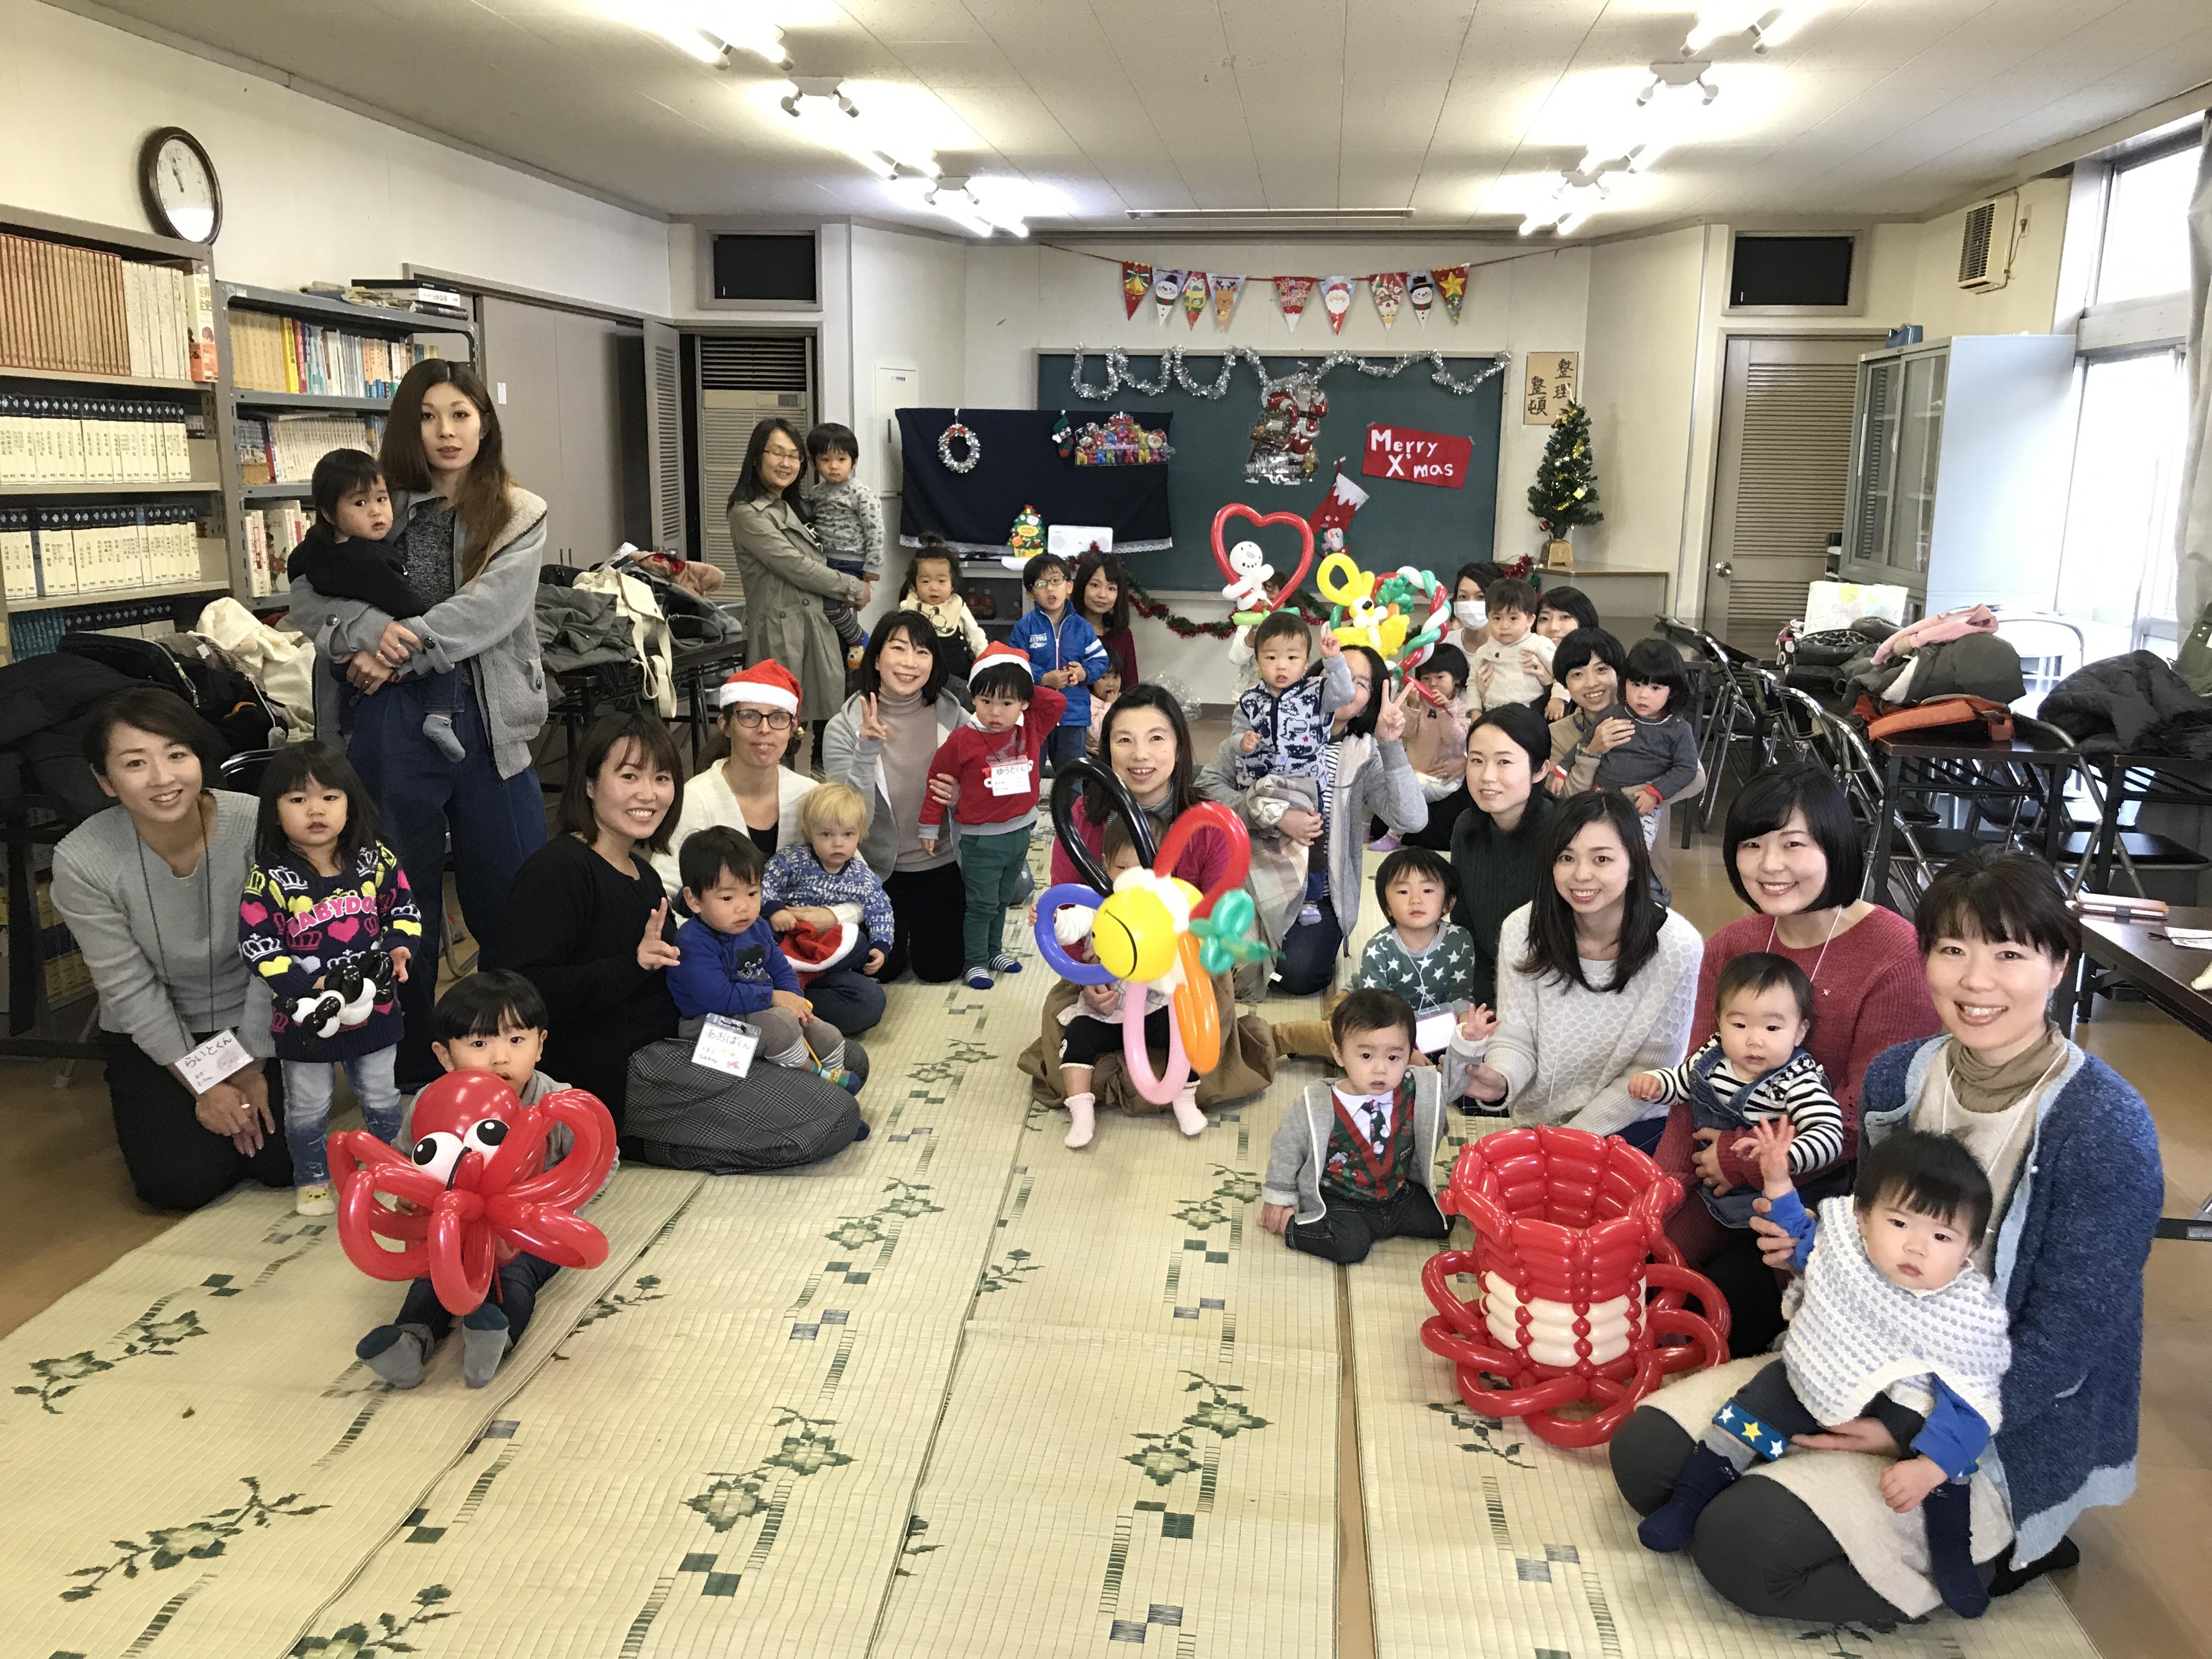 宇野学区おやこクラブさん〜2017.12.19〜